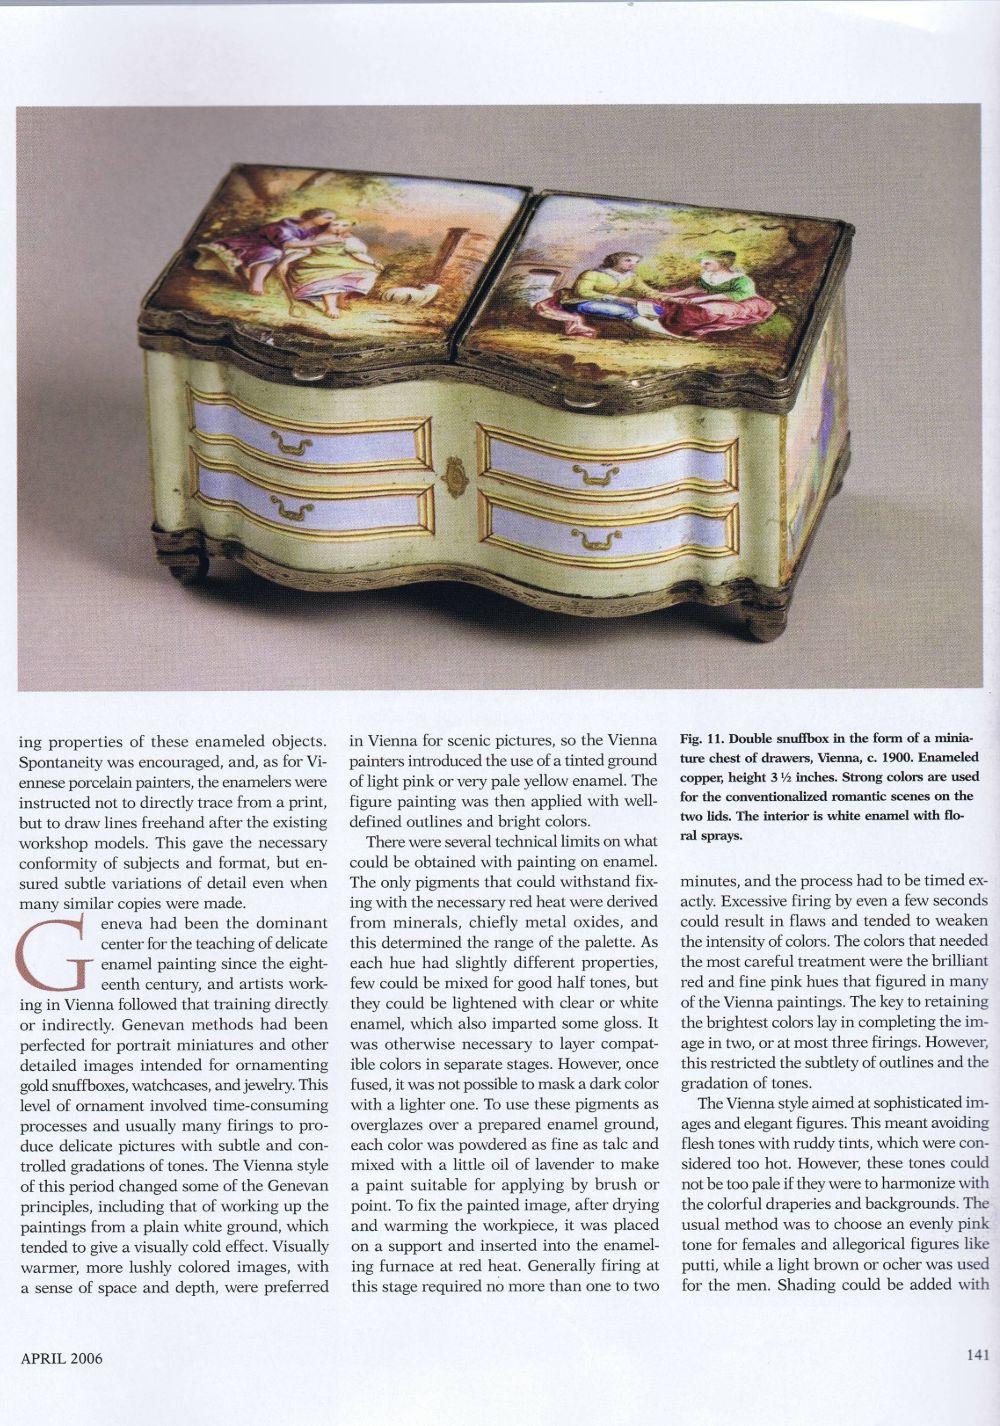 the magazine antiques06 April 2006.8